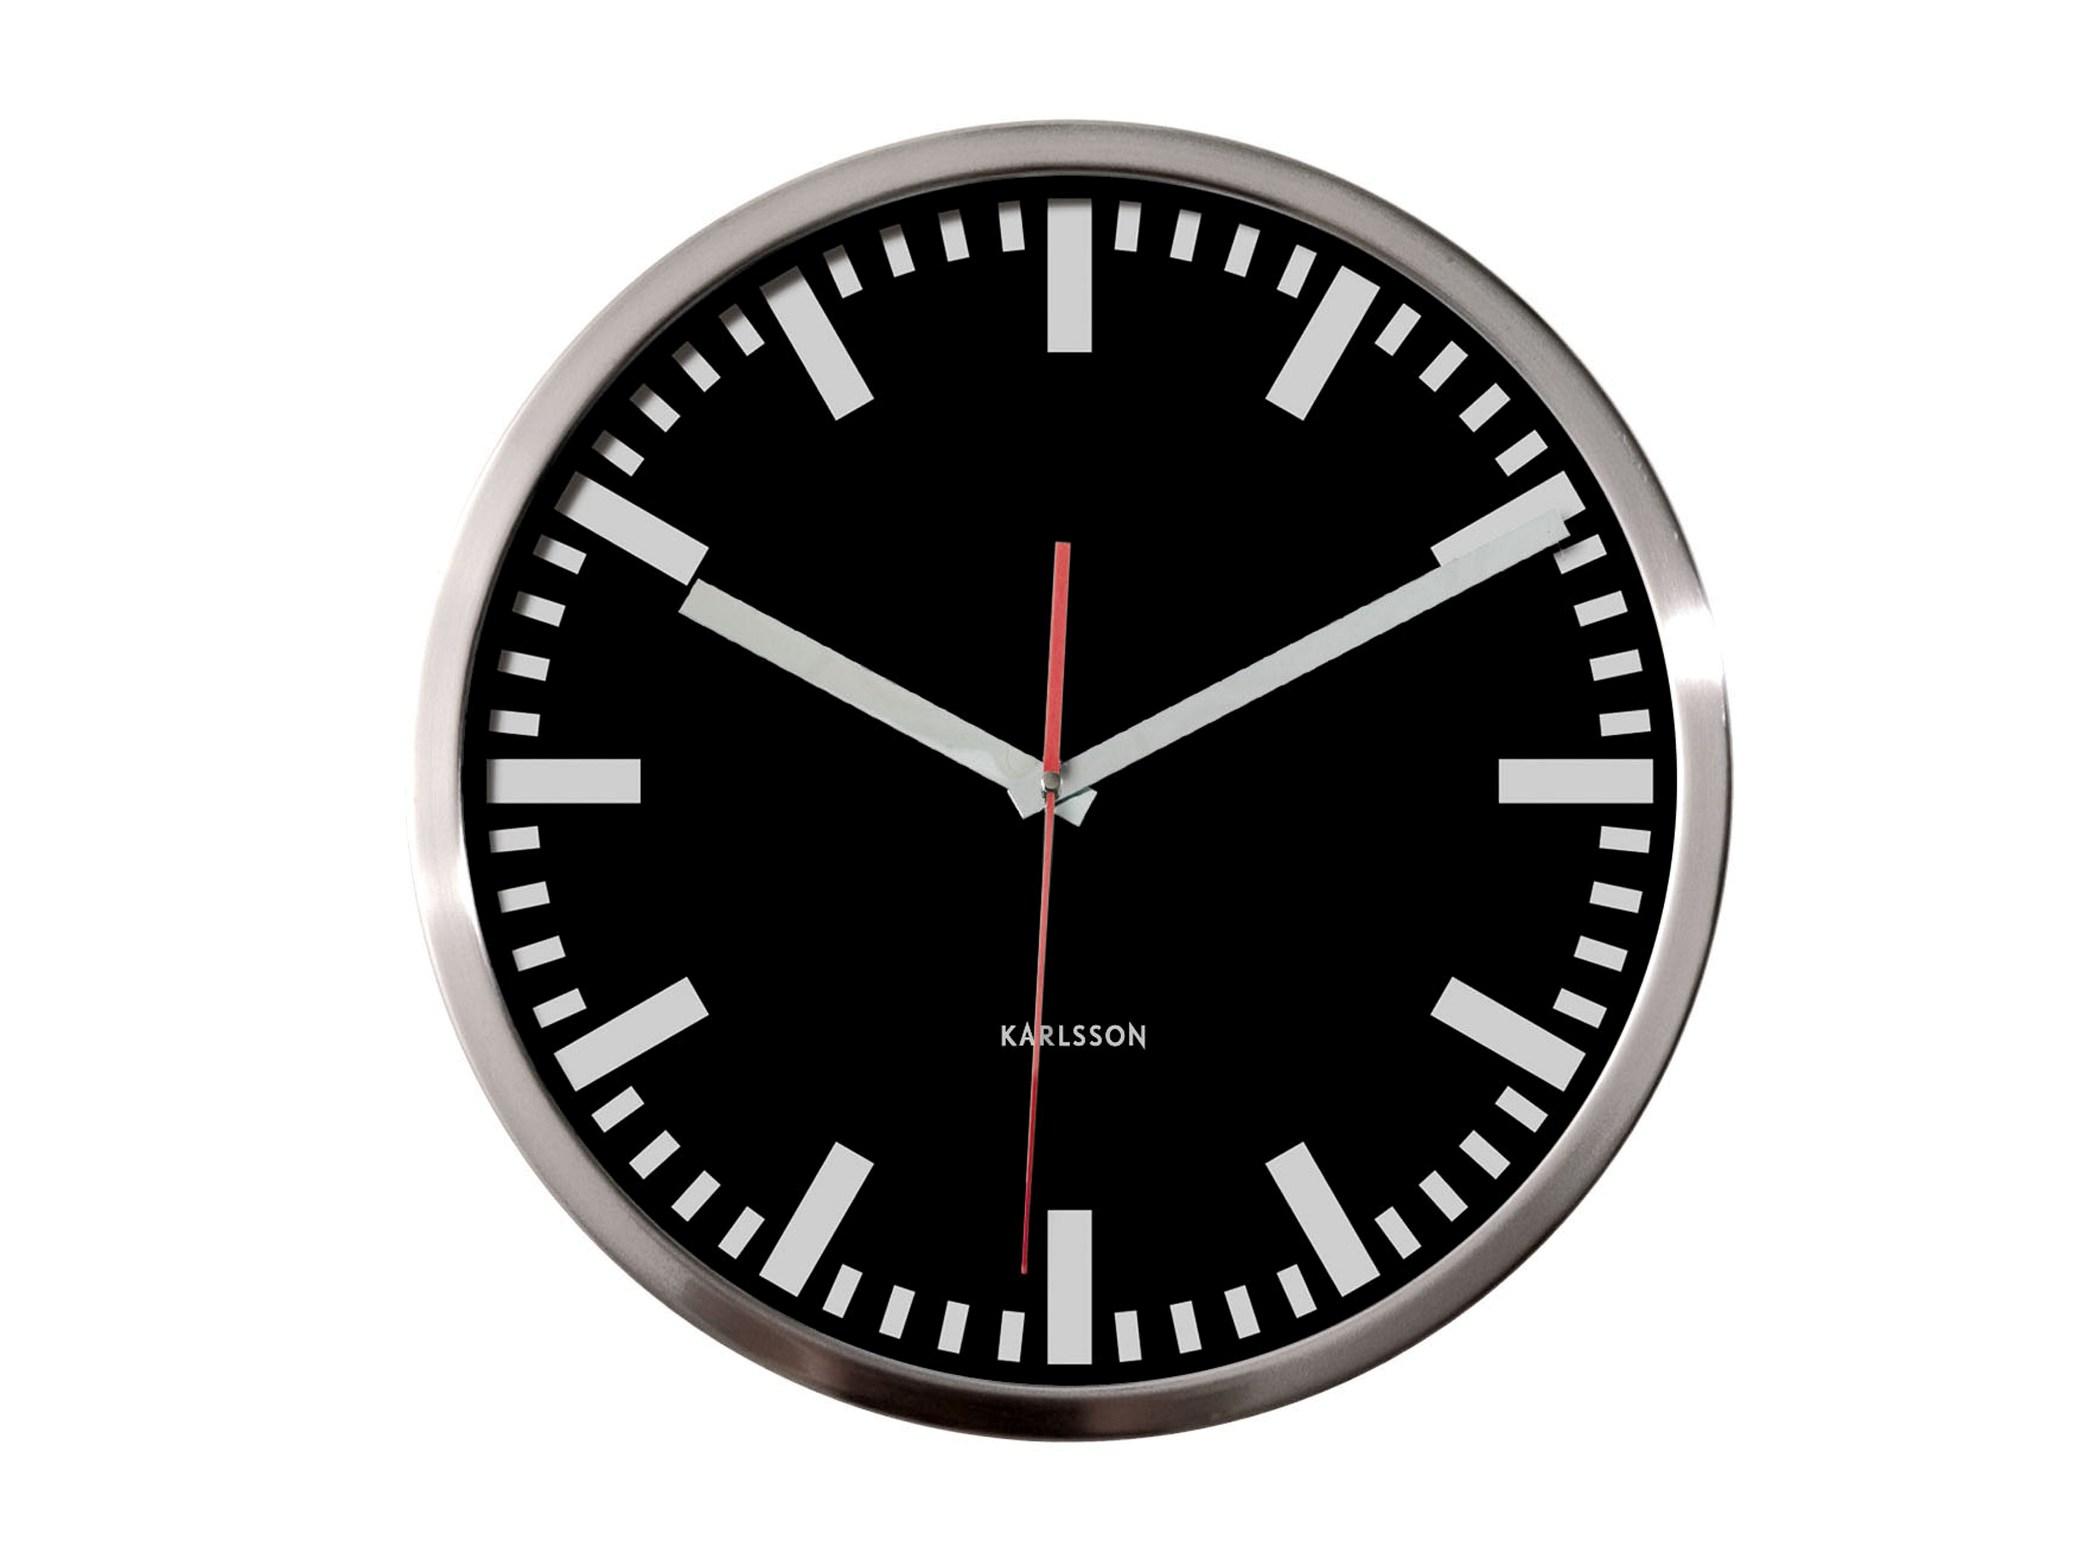 Nástěnné hodiny Station steel 29 cm černé - Karlsson